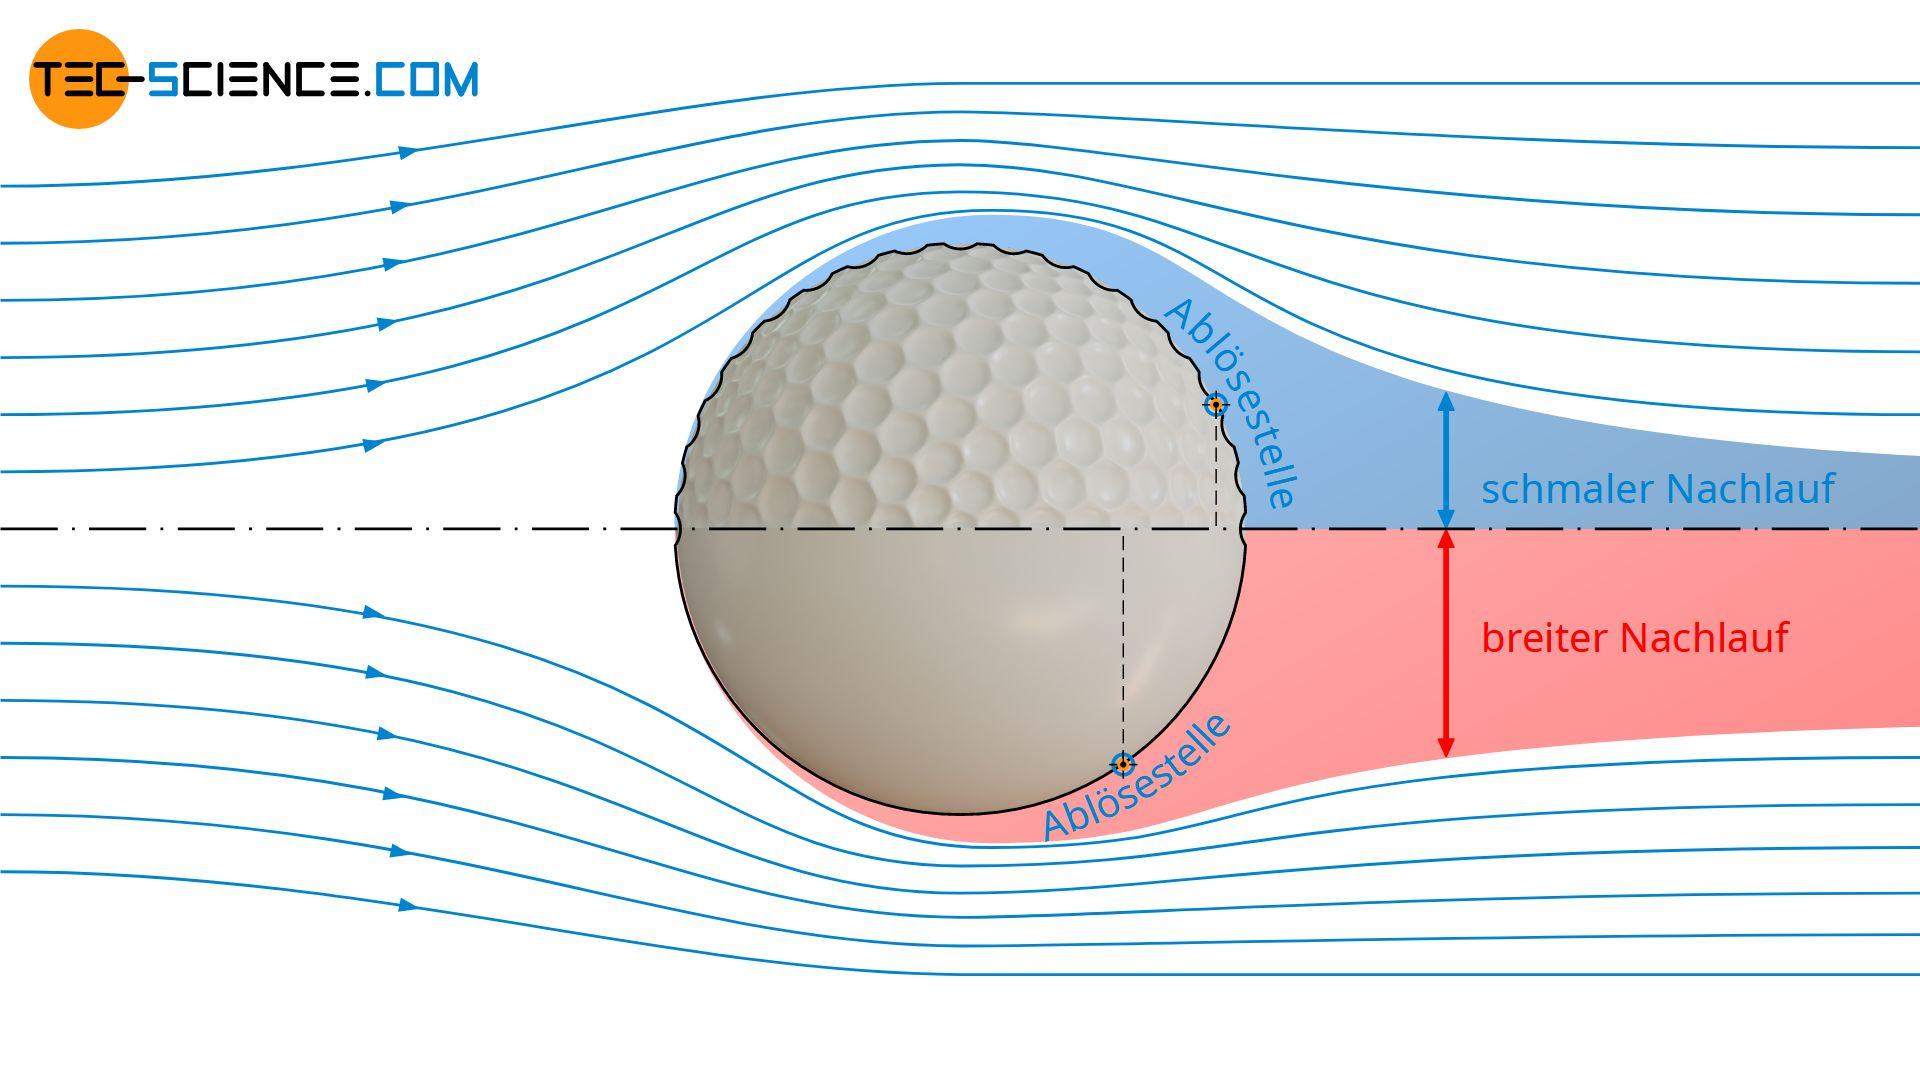 Vertiefungen (dimples) an einem Golfball zur Erzeugung einer turbulenten Umströmung